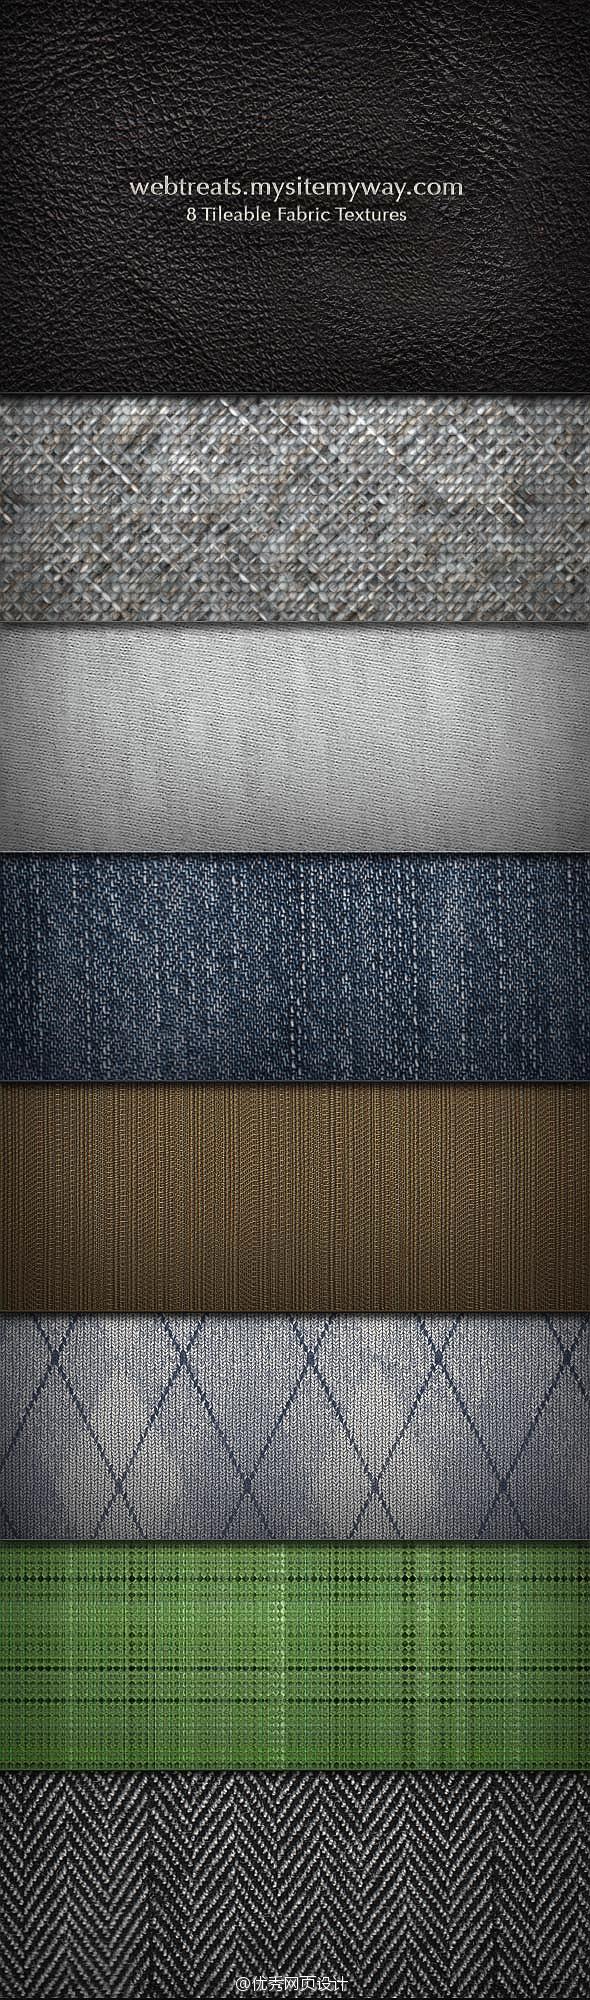 优设午夜福利:精致的皮革+棉纺纹理